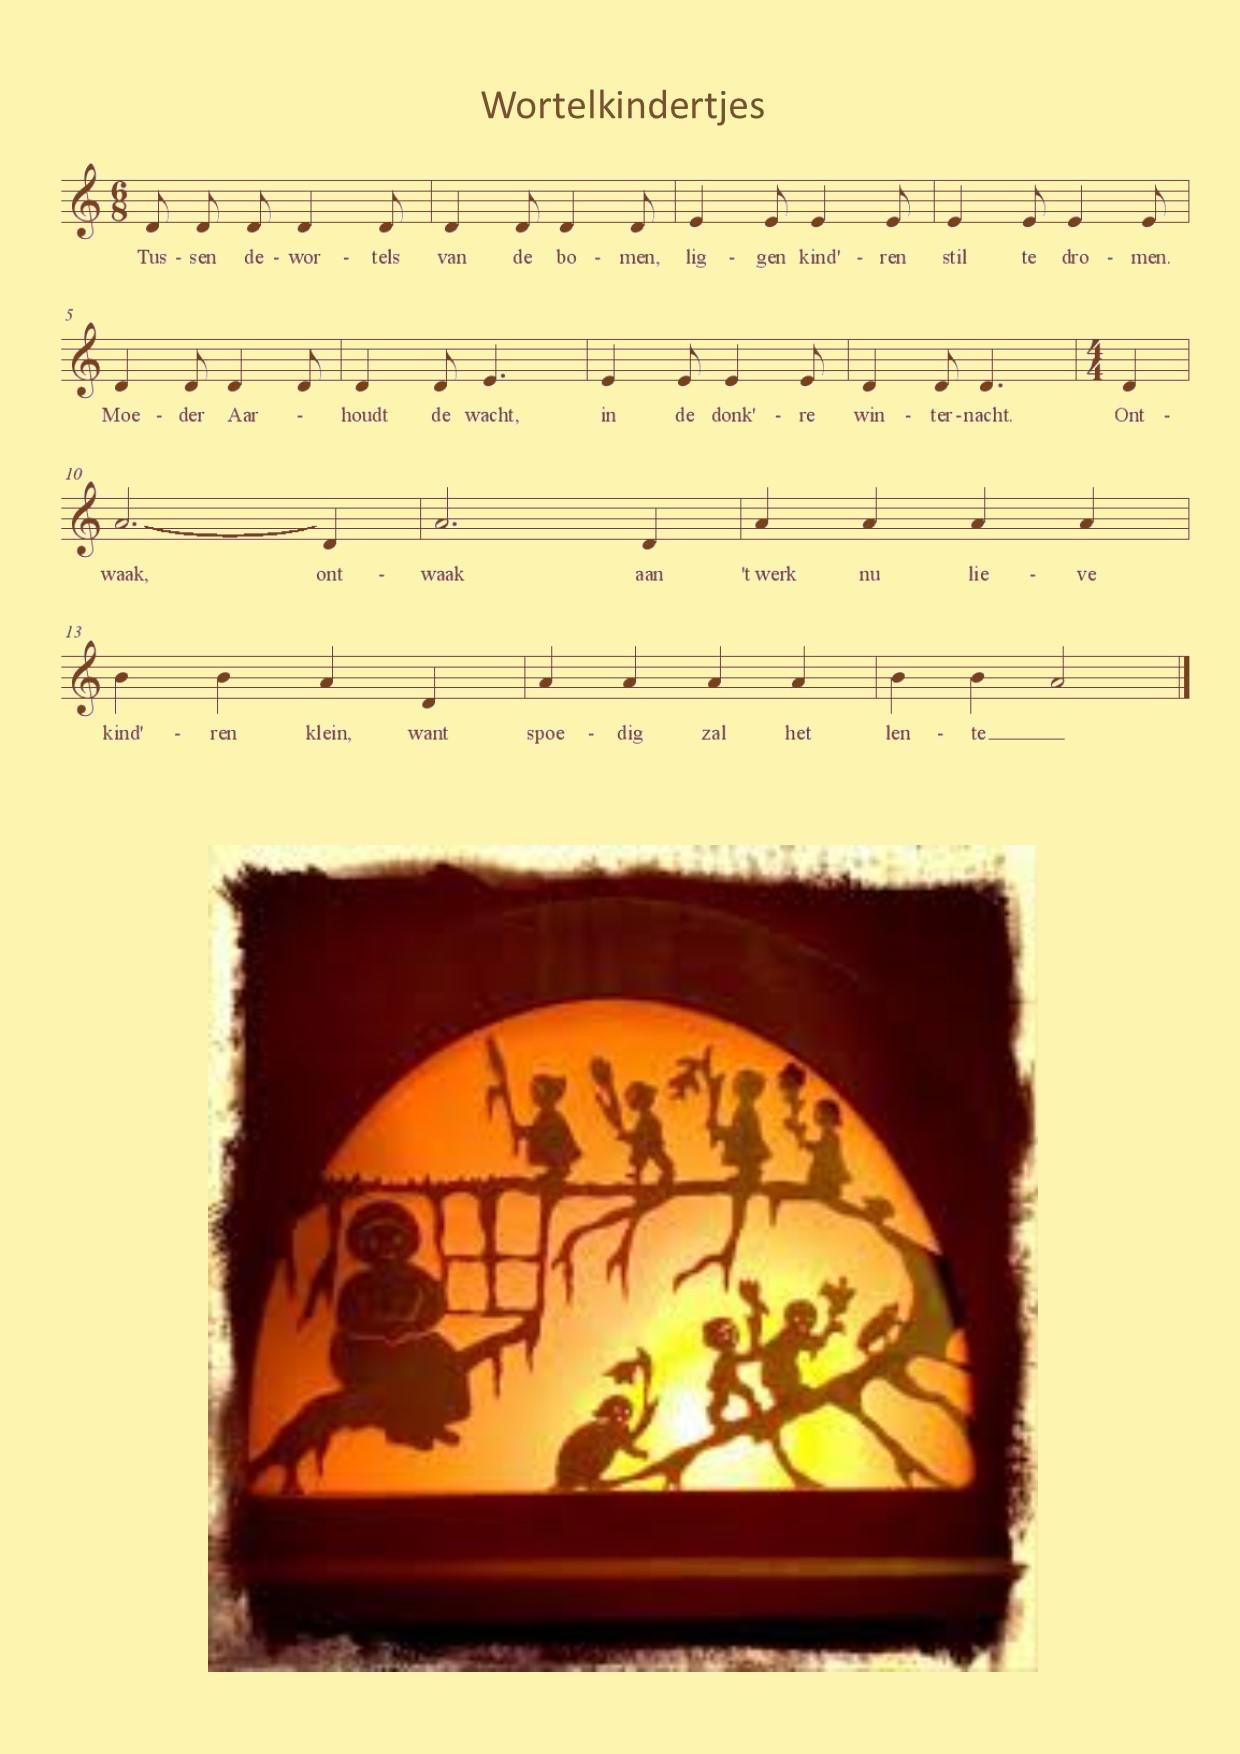 Wortelkindjes liedje